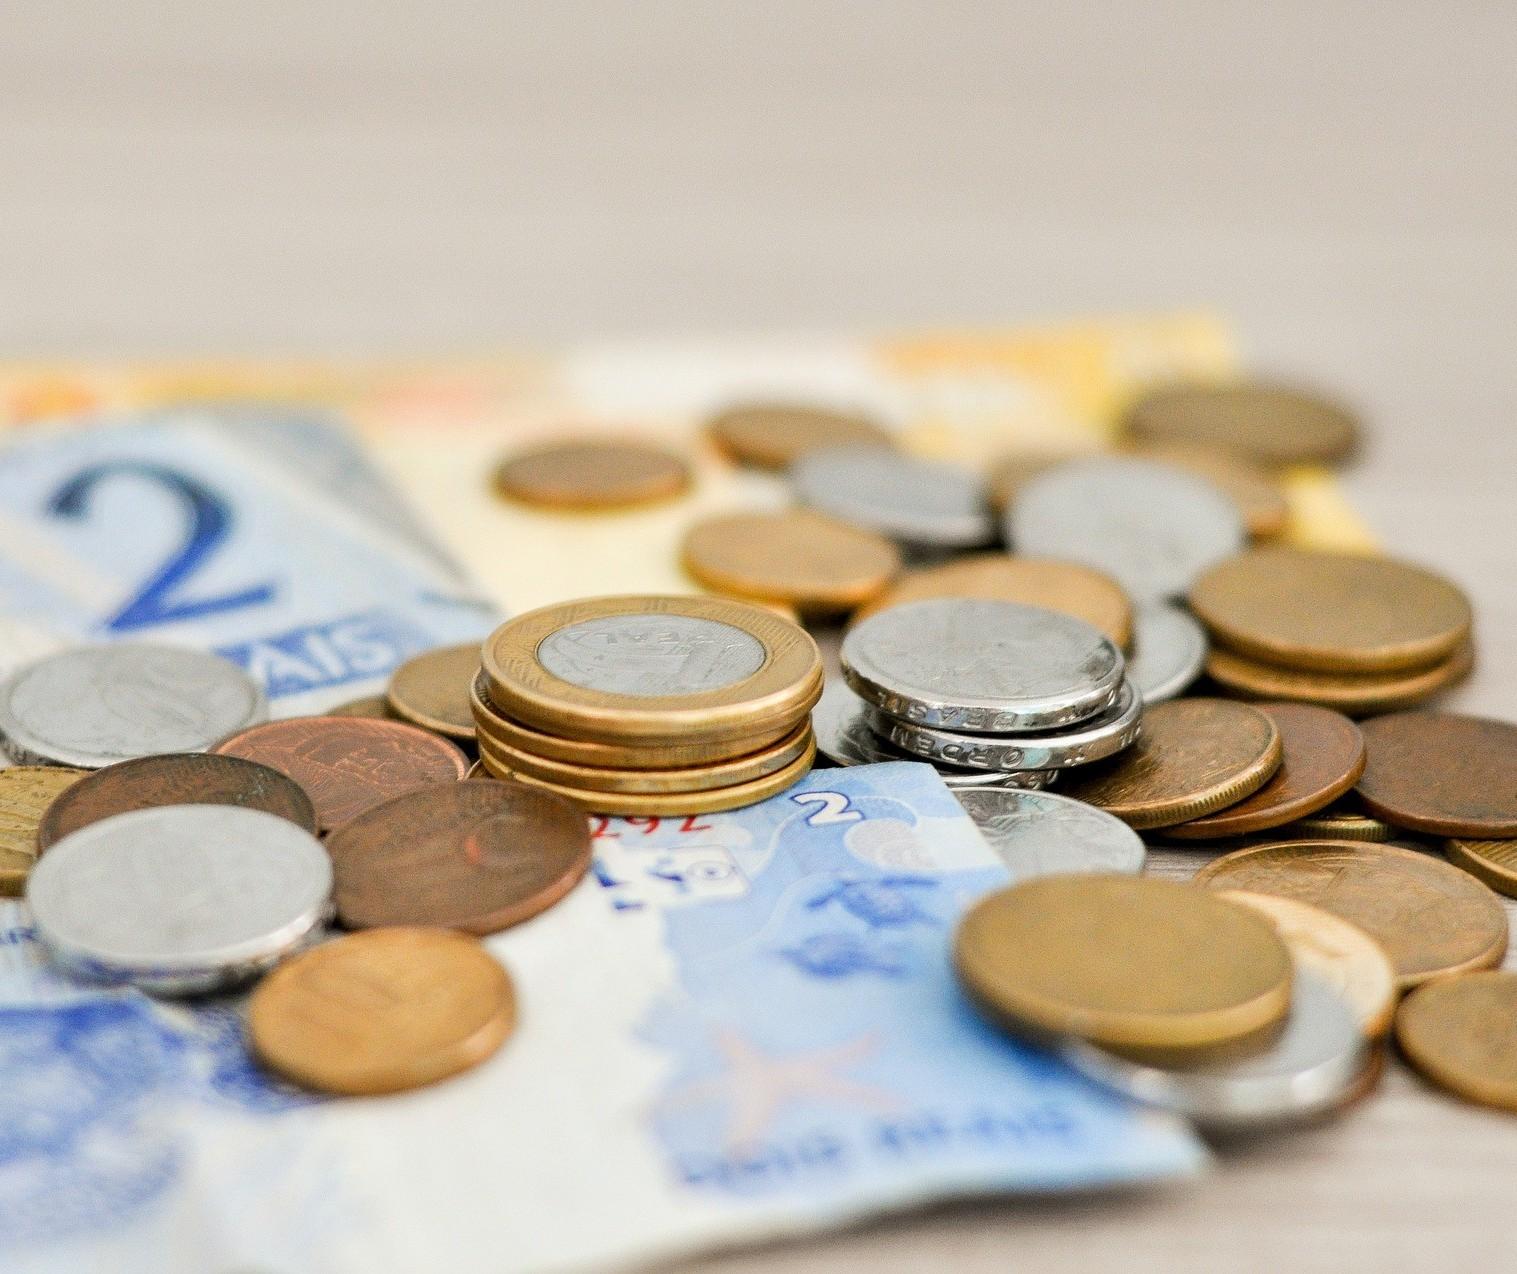 Endividamento do Estado pode levar a calote?